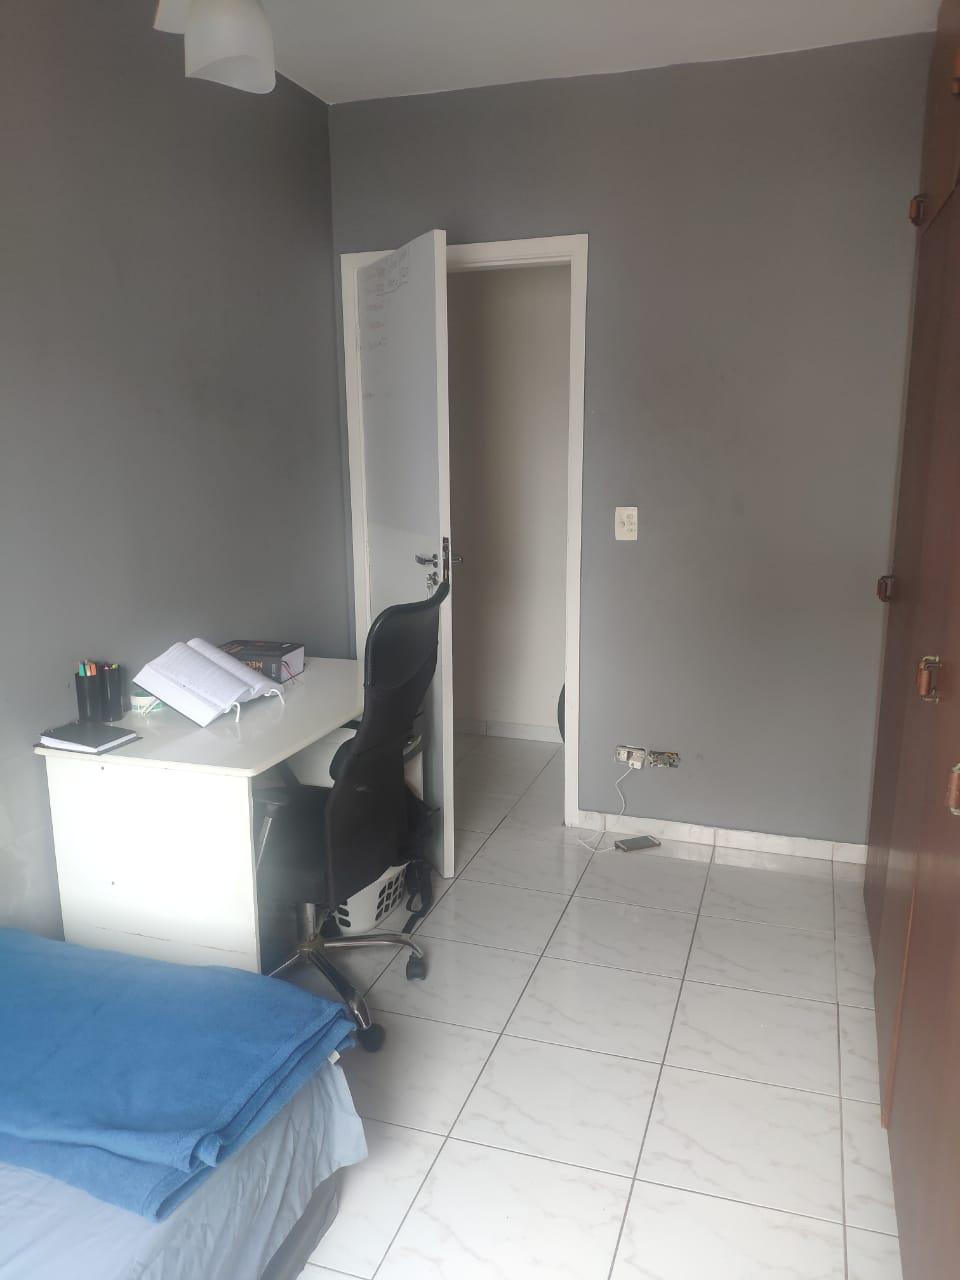 Apartamento 3 dormitórios bem arejado, iluminado, todo reformado, com piso frio e papel de parede,garagem fechada. - foto 6